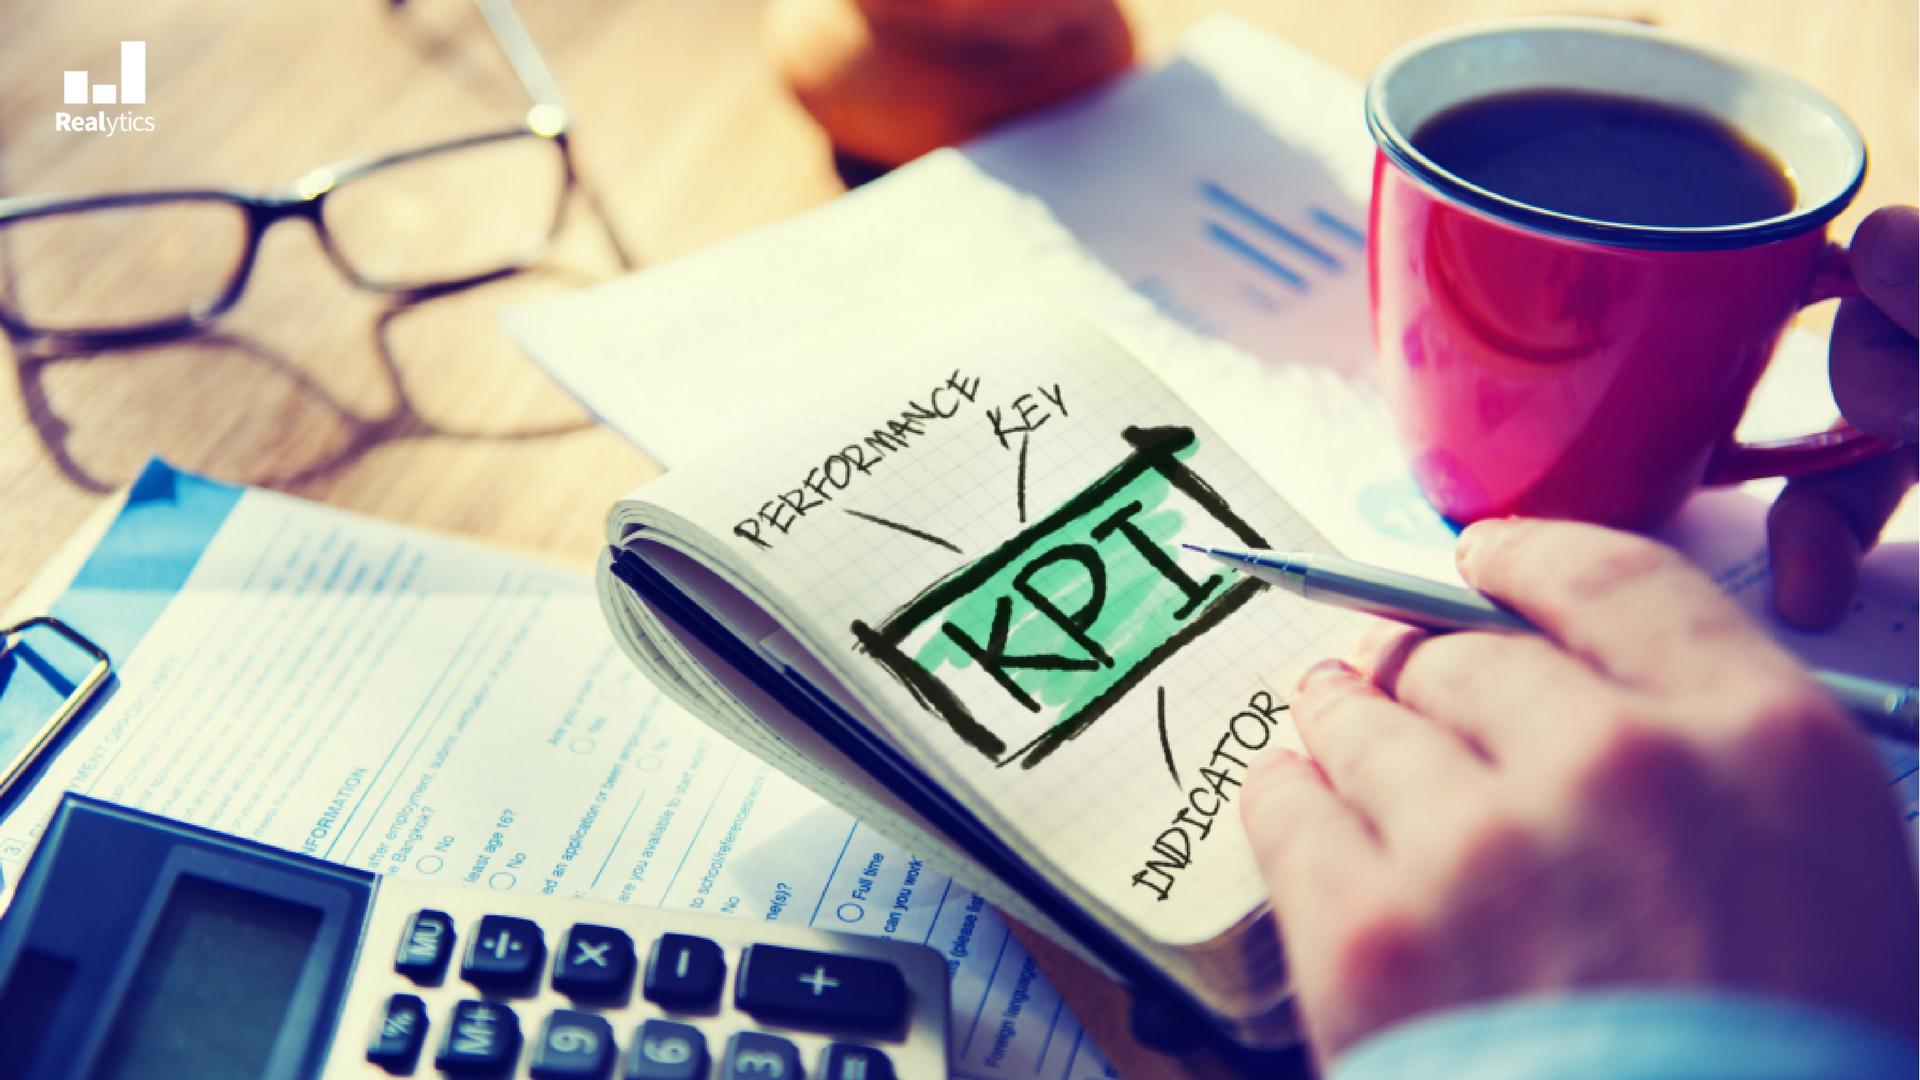 Jeder-Werbetreibende-hat-seine-eignen-Ziele-und-KPIs-HEADER (1)